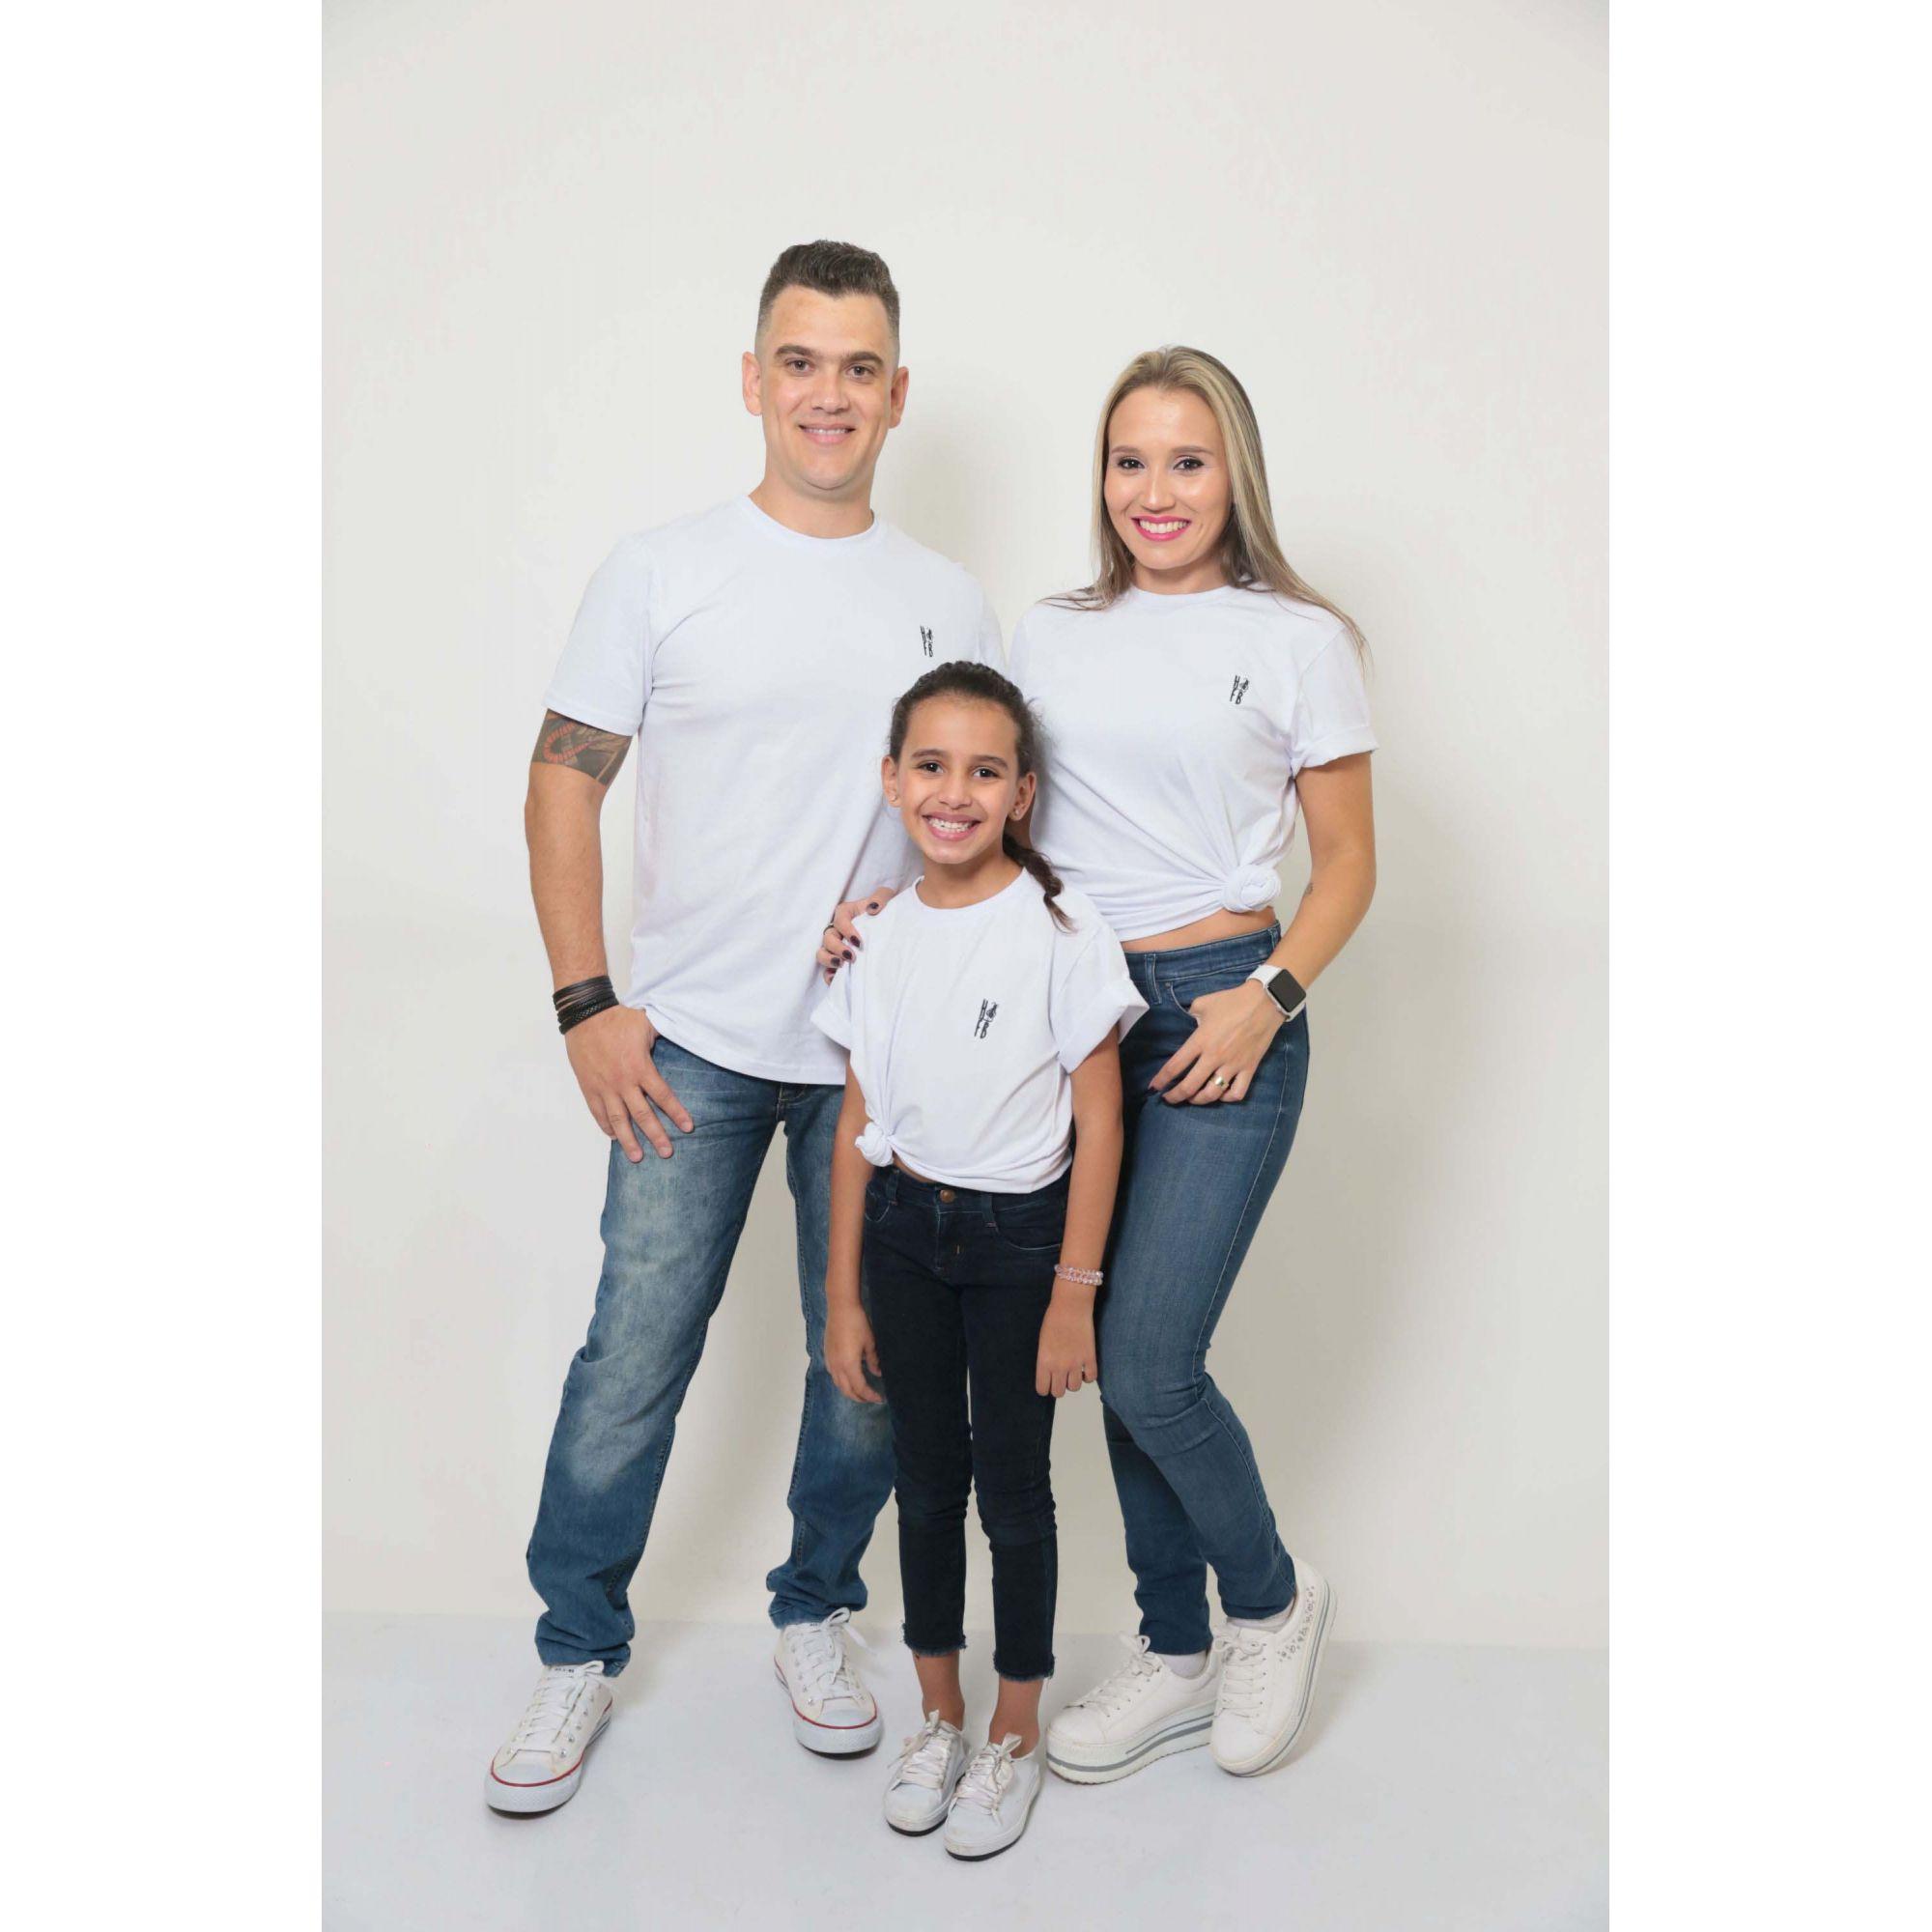 PAIS E FILHOS > Kit 3 Peças T-Shirt - Branca - Unissex [Coleção Família]